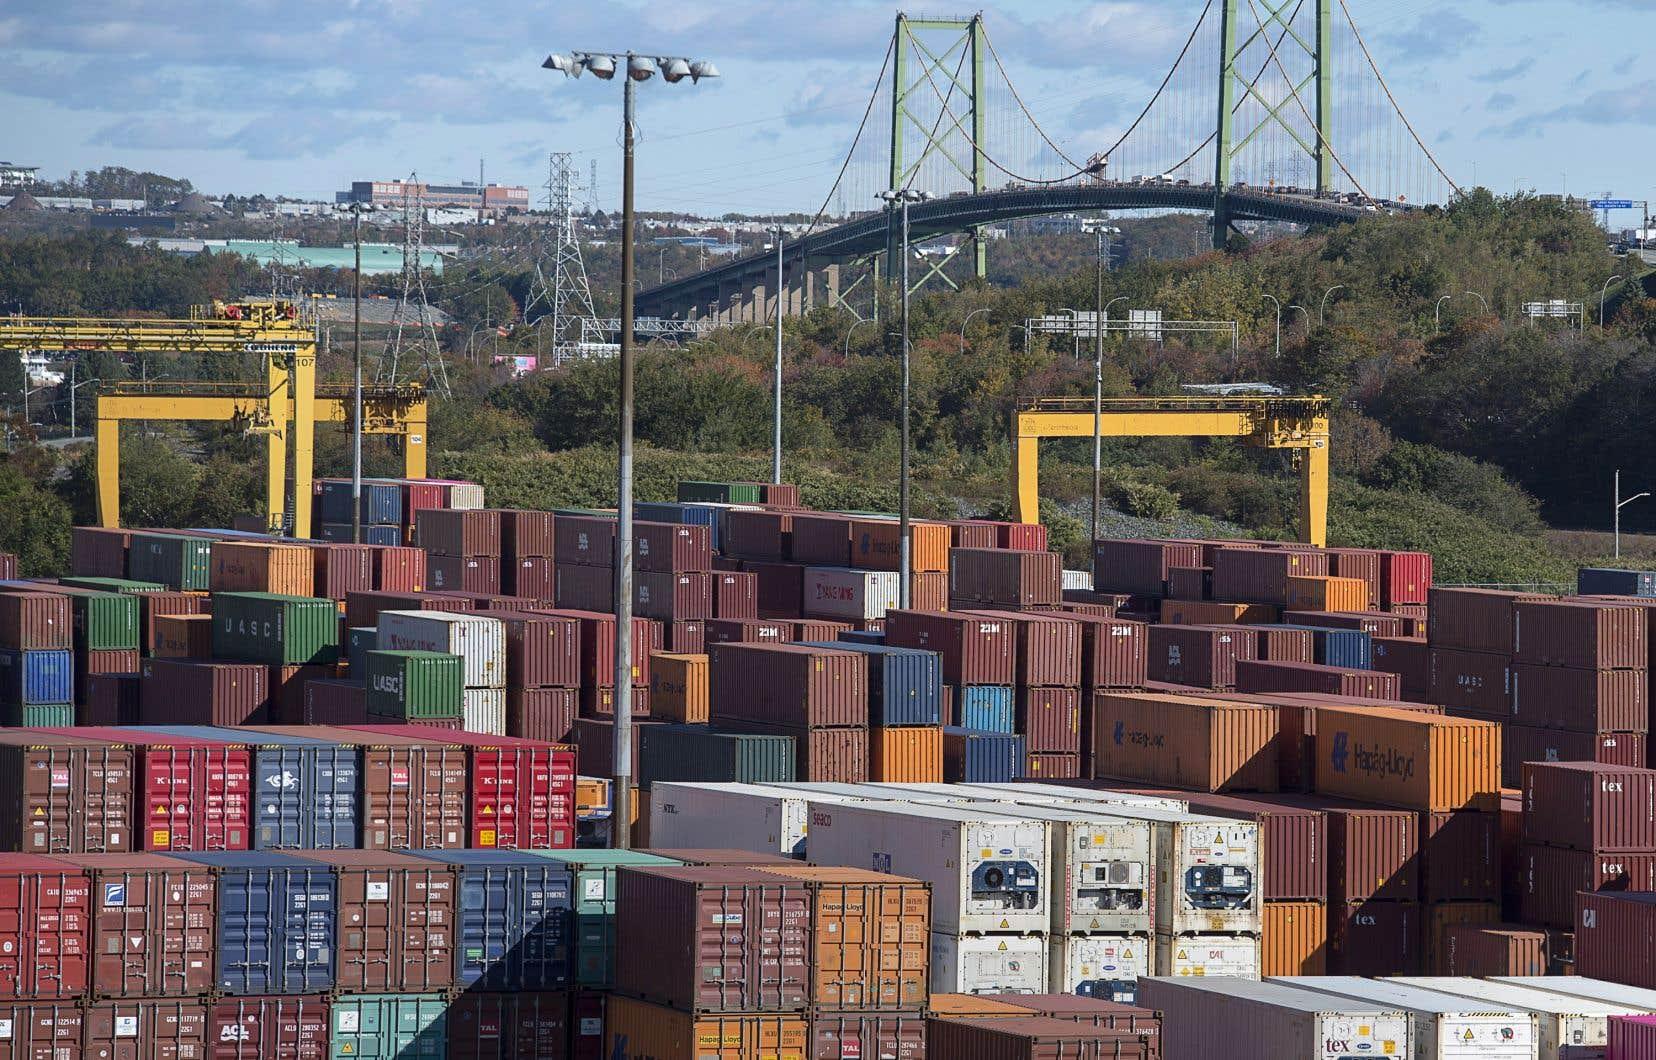 Entre octobre 2017 et septembre 2018, les exportations canadiennes vers l'Union européenne ont progressé de 3,8% par rapport à la période correspondante de 2016-2017.